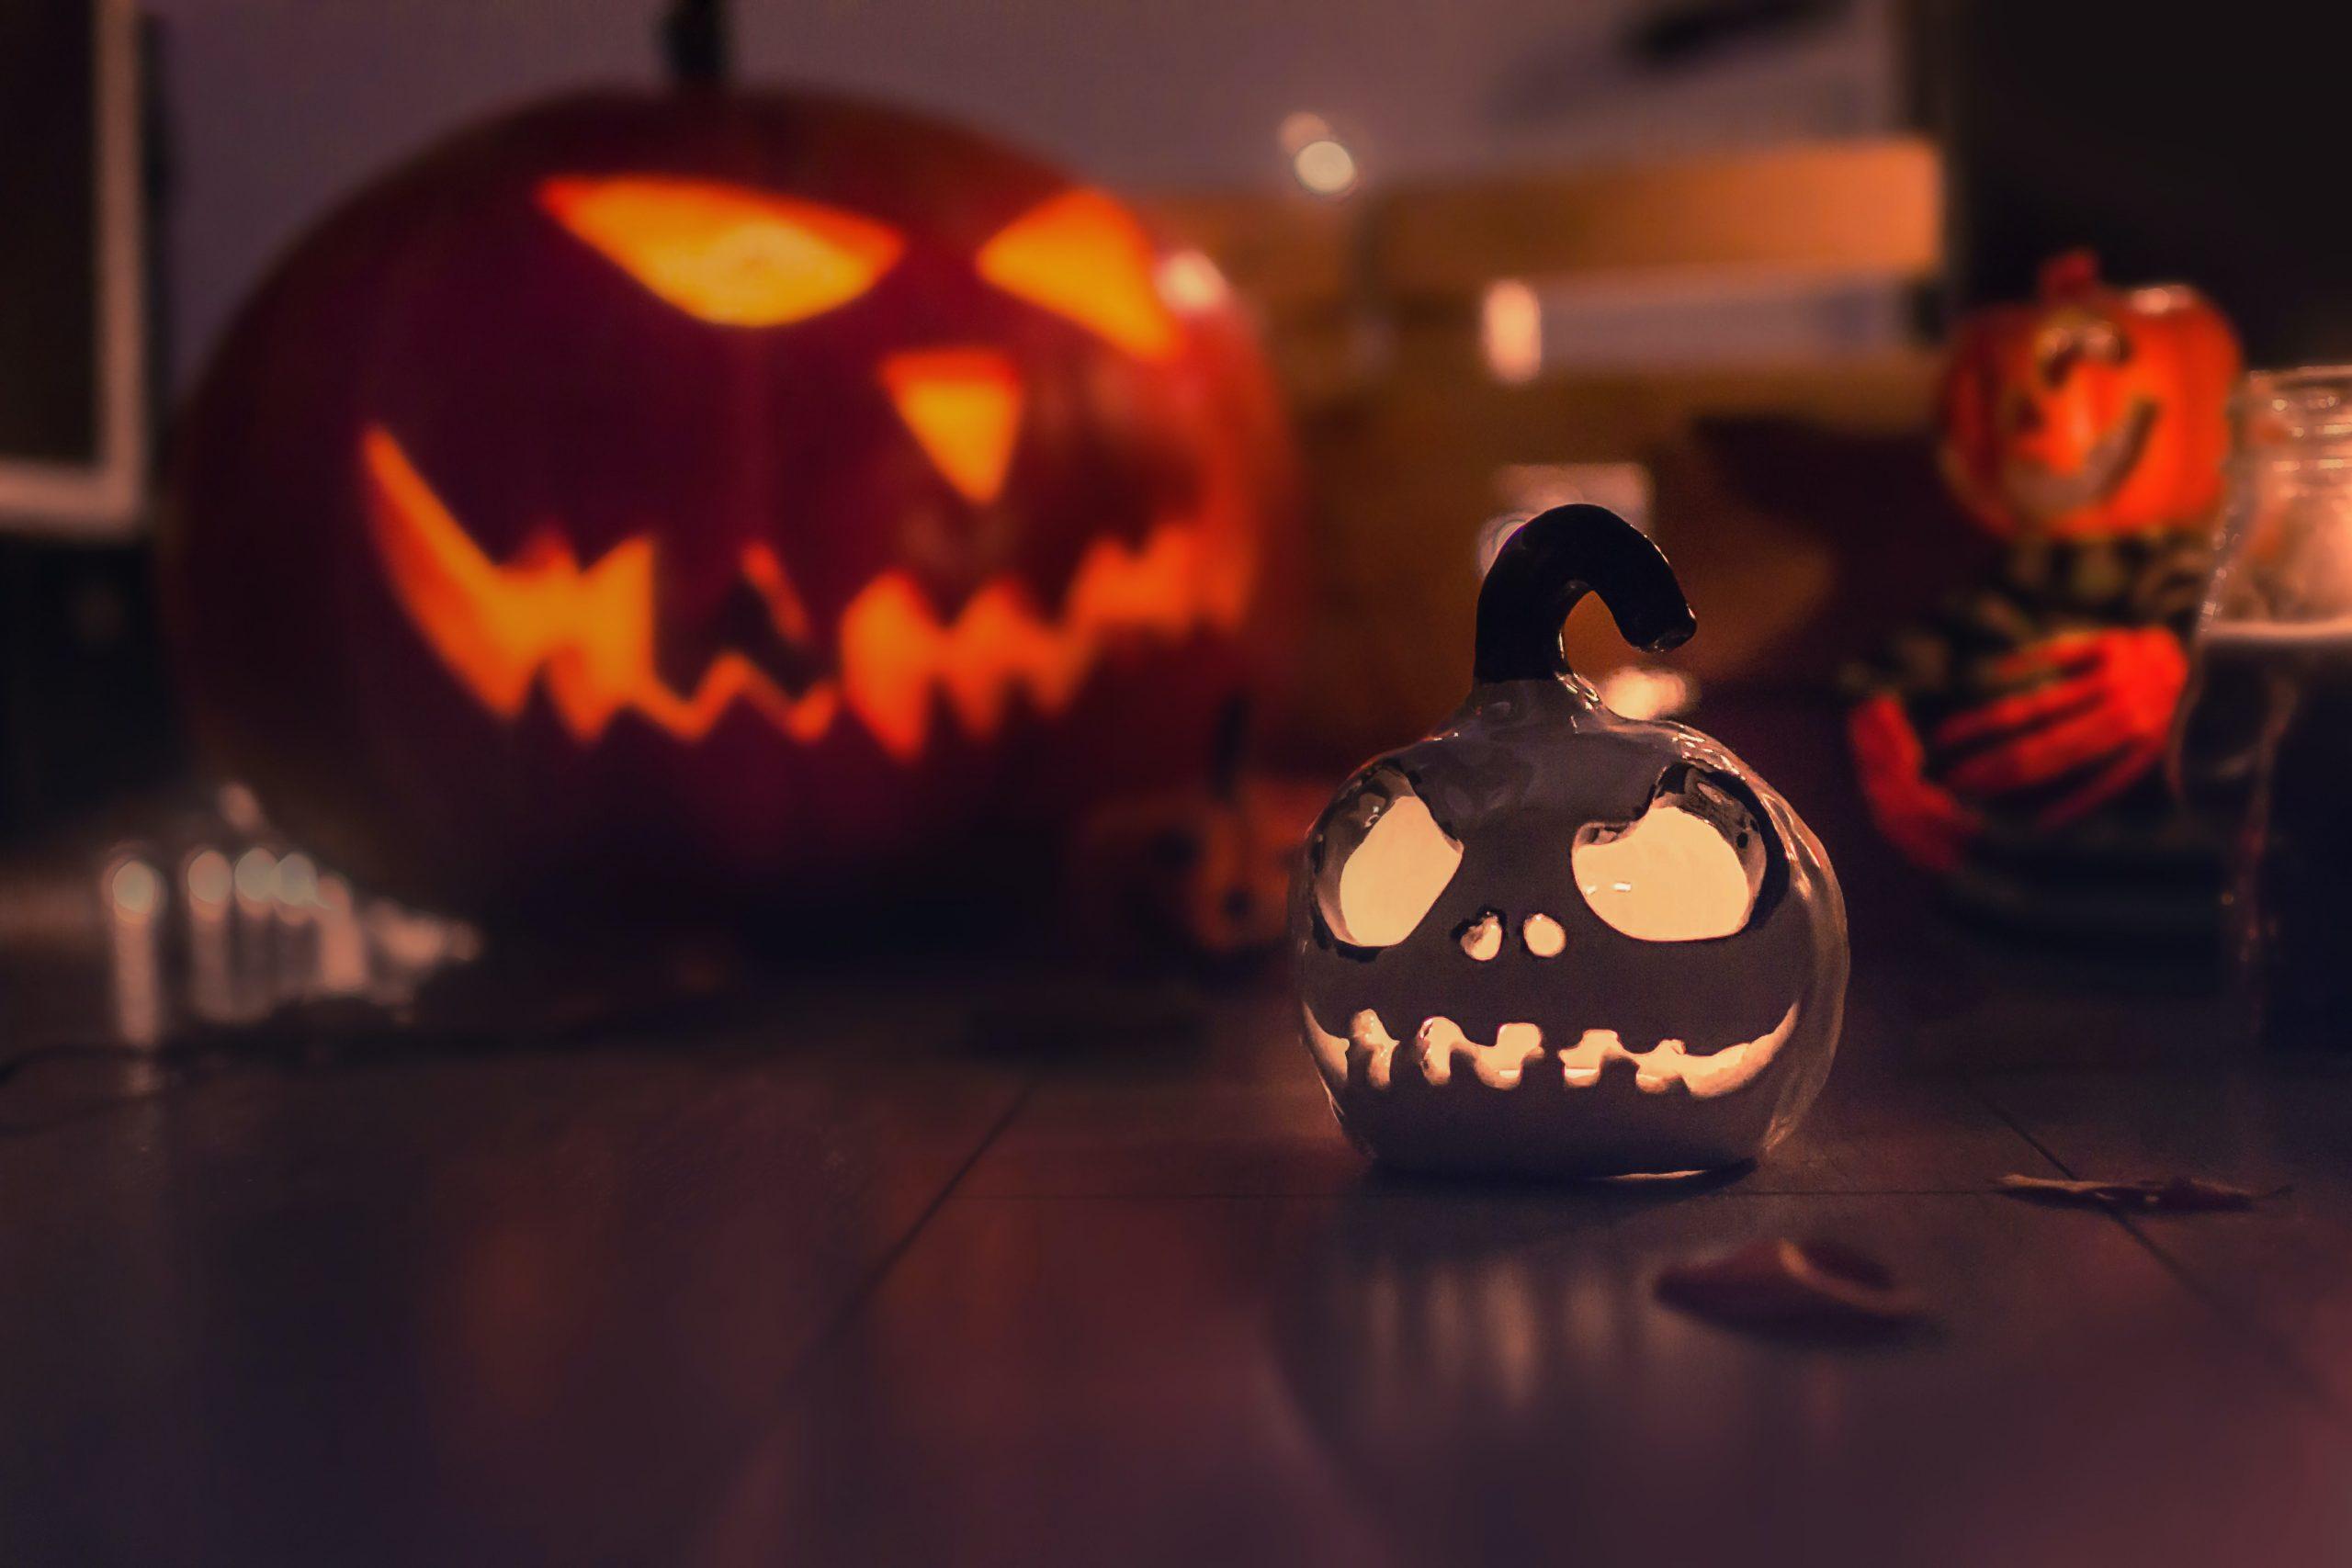 Что посмотреть и почитать накануне Хэллоуина? Ваш выбор!